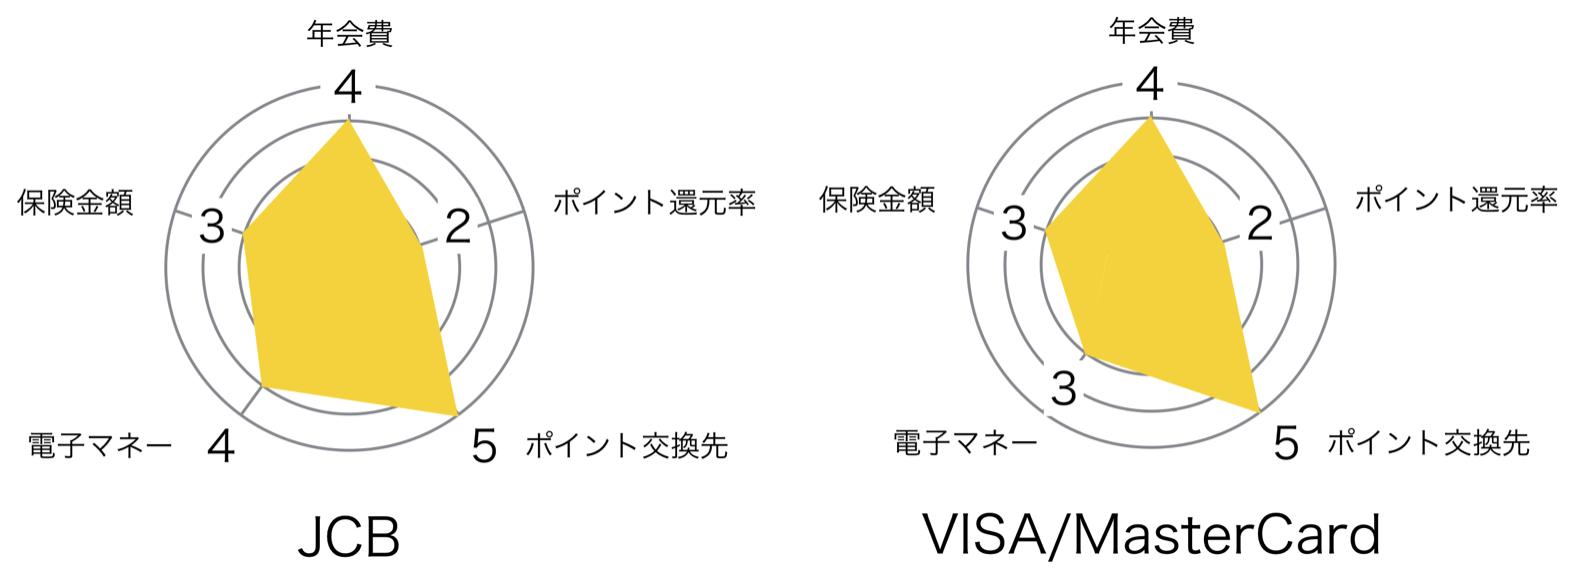 新生アプラスゴールドカード レーダーチャート